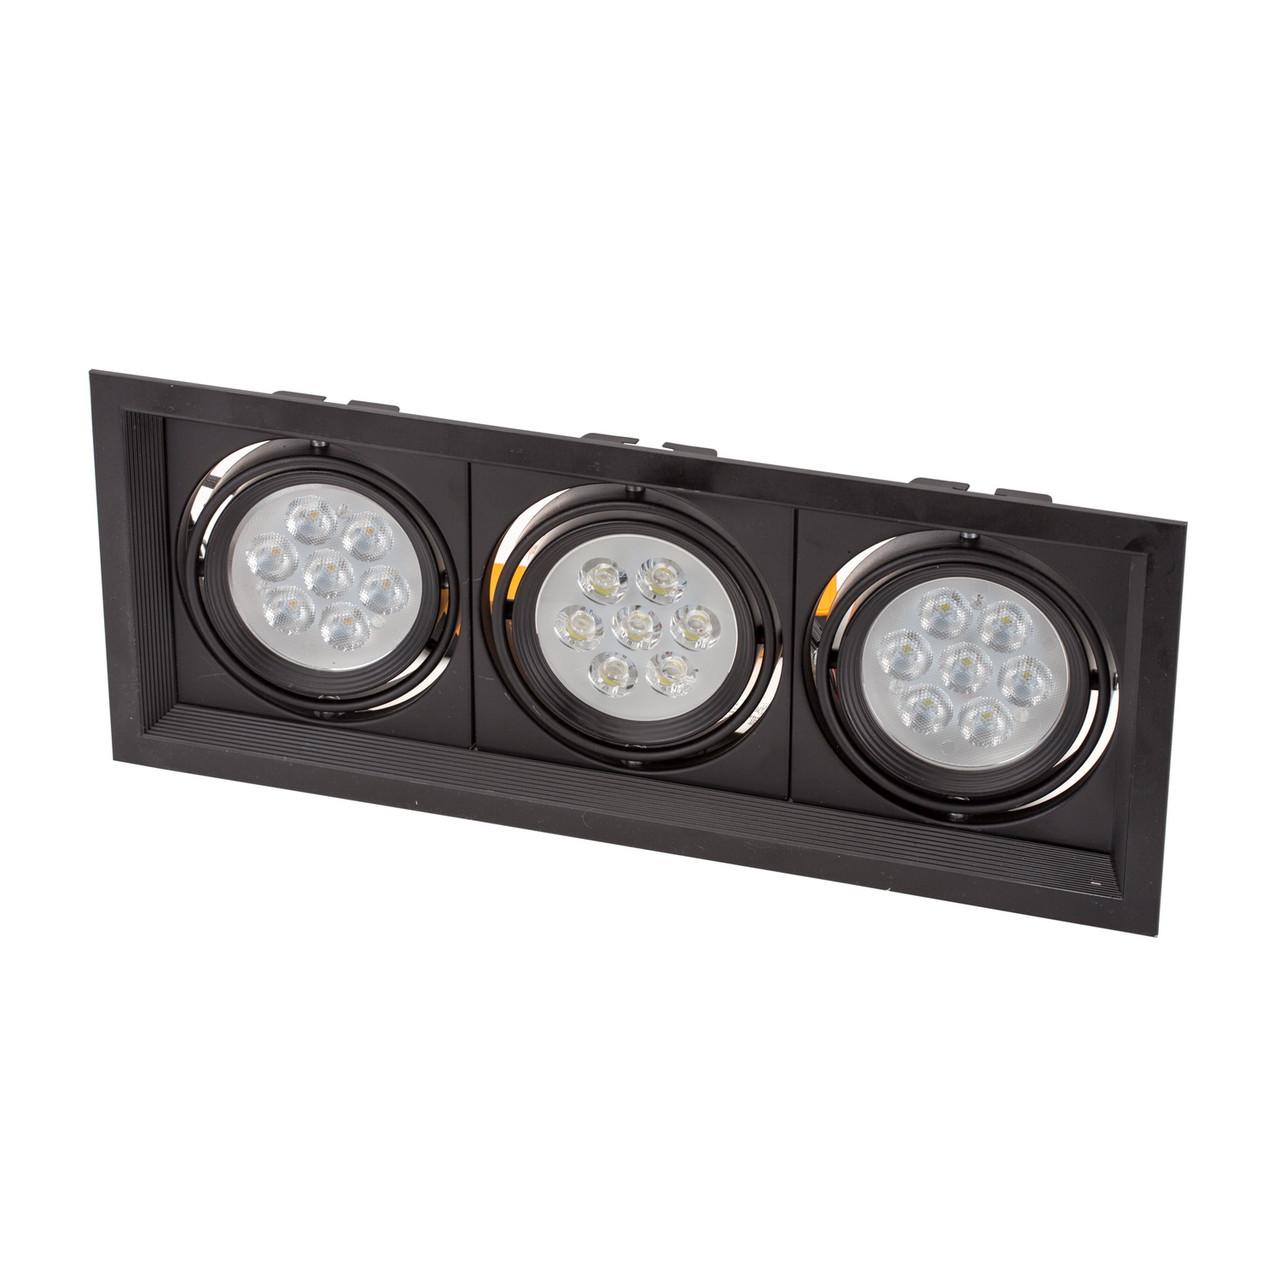 Светодиодный светильник downlight 3*7W (21W), встраиваемый